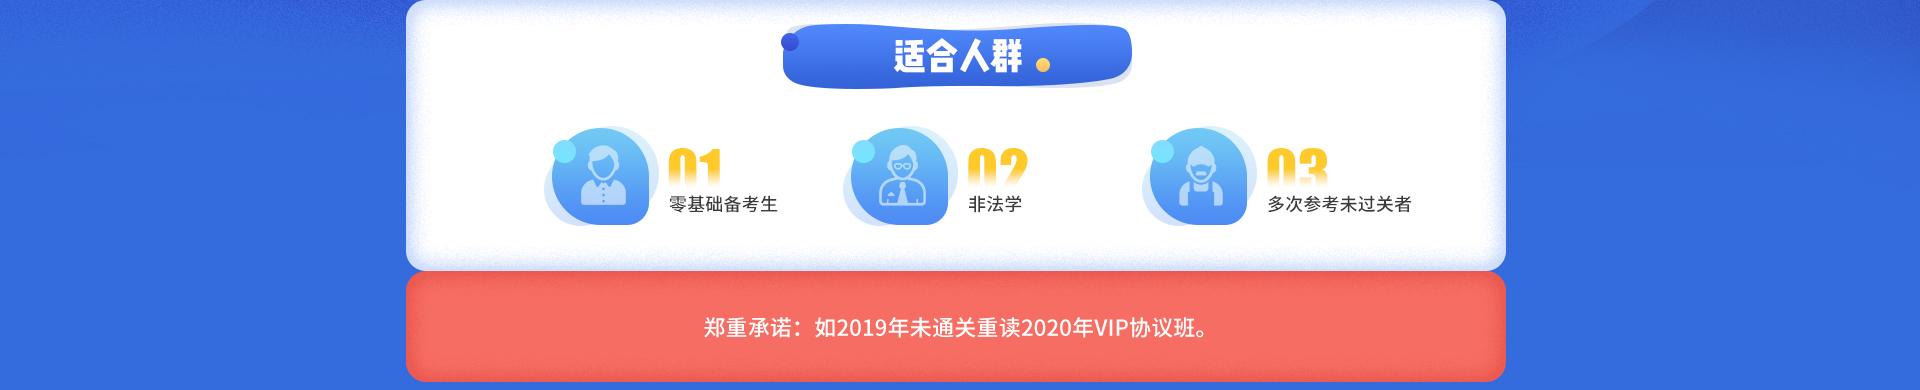 专题页面:VIP协议班1920x_02.jpg